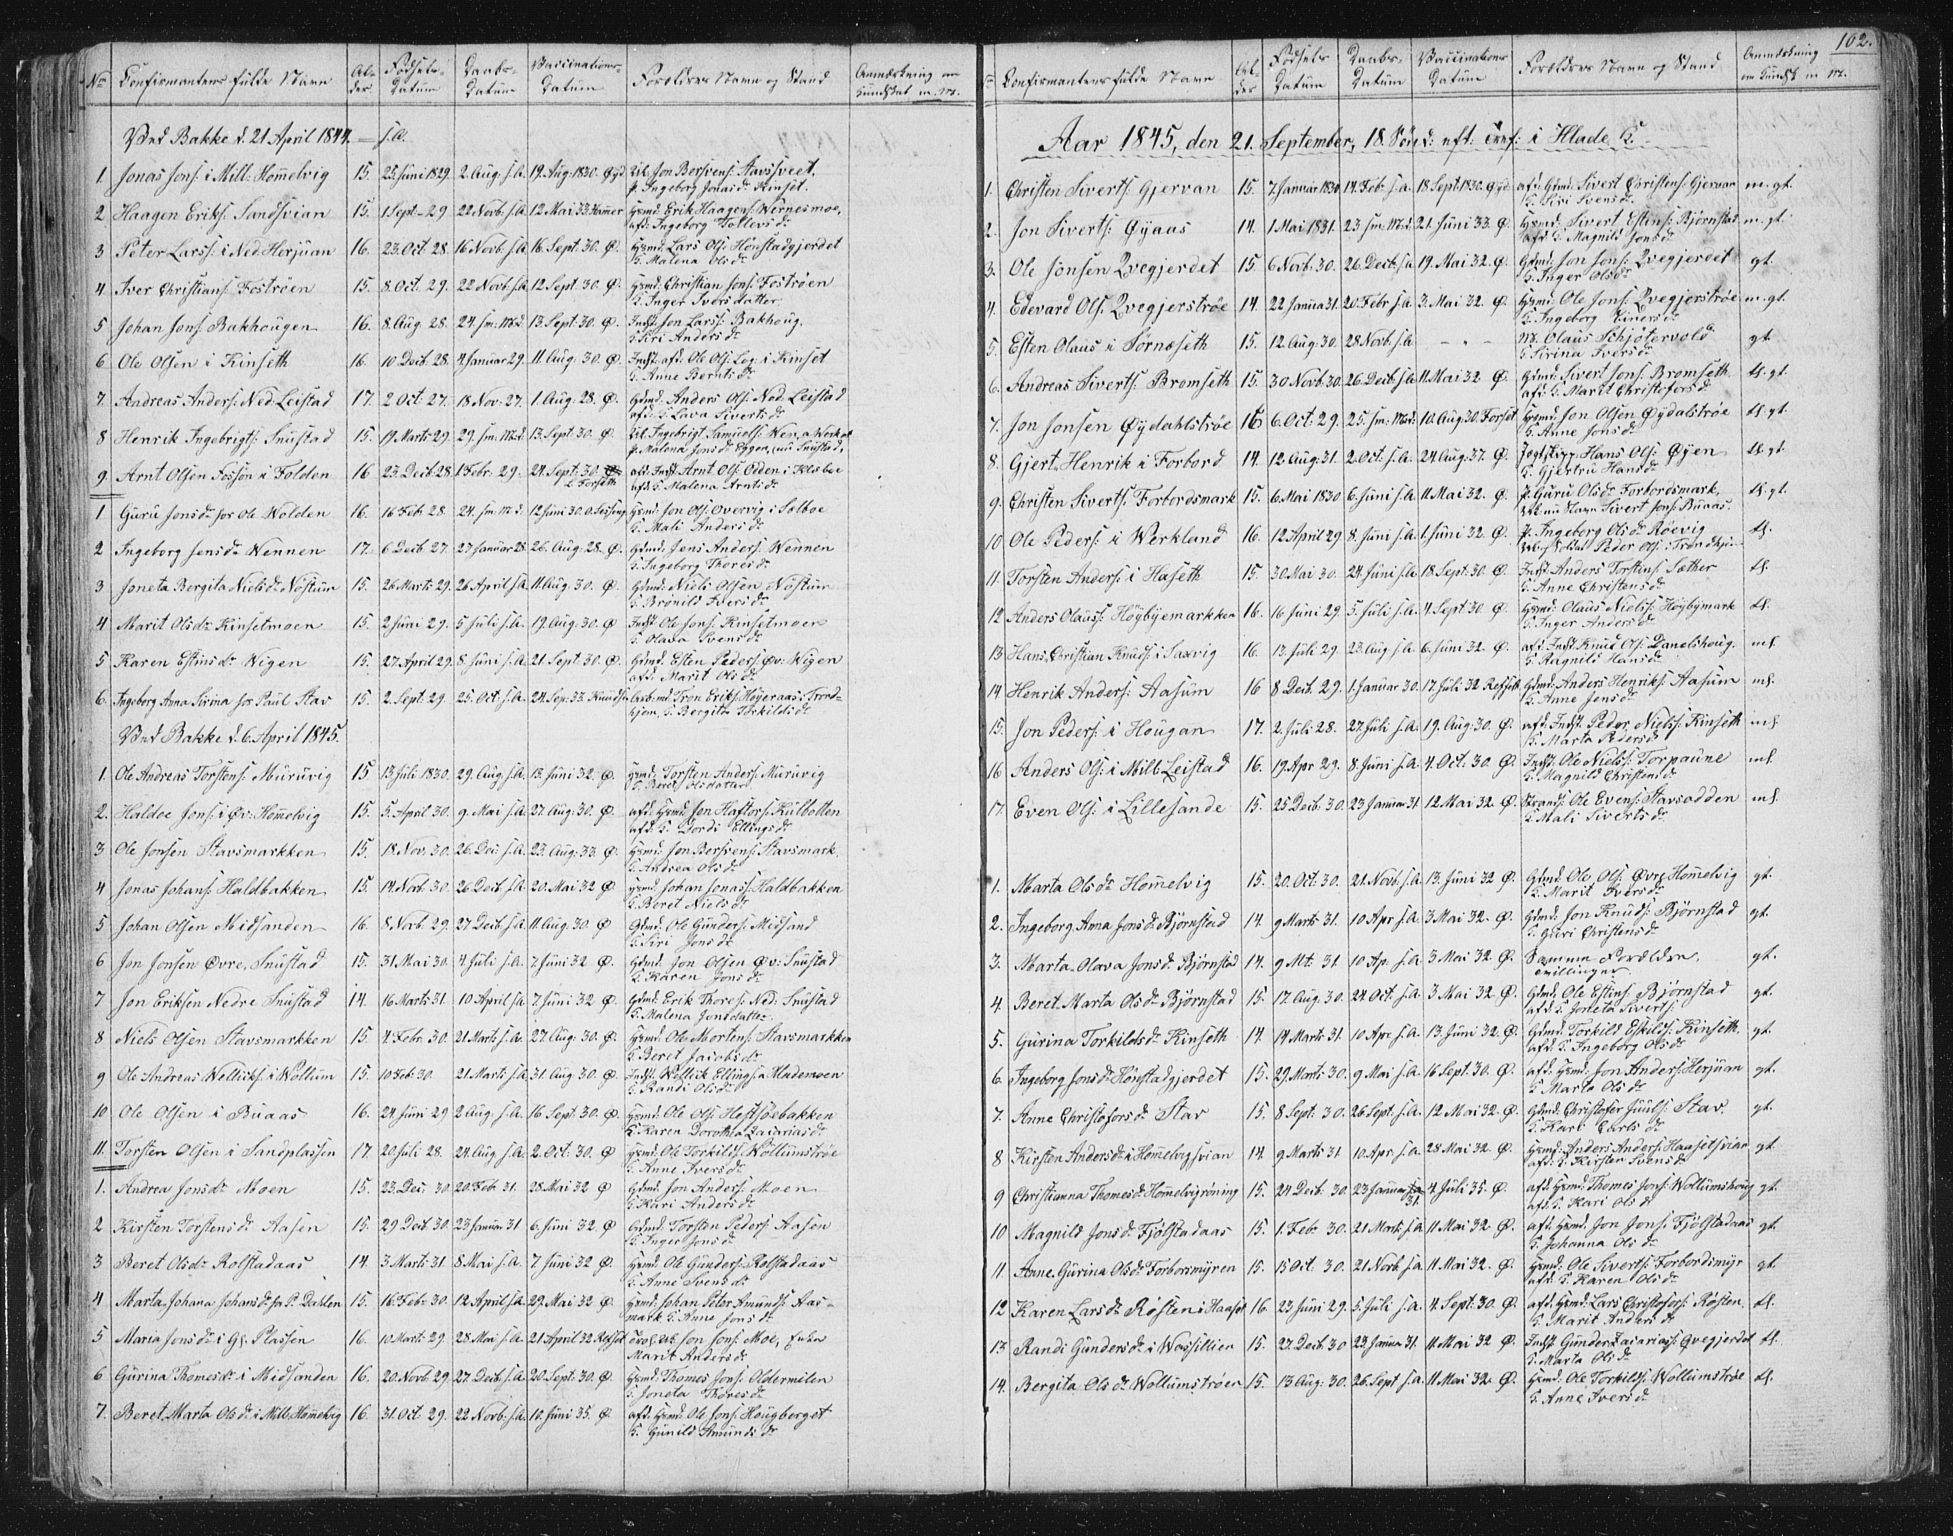 SAT, Ministerialprotokoller, klokkerbøker og fødselsregistre - Sør-Trøndelag, 616/L0406: Ministerialbok nr. 616A03, 1843-1879, s. 102